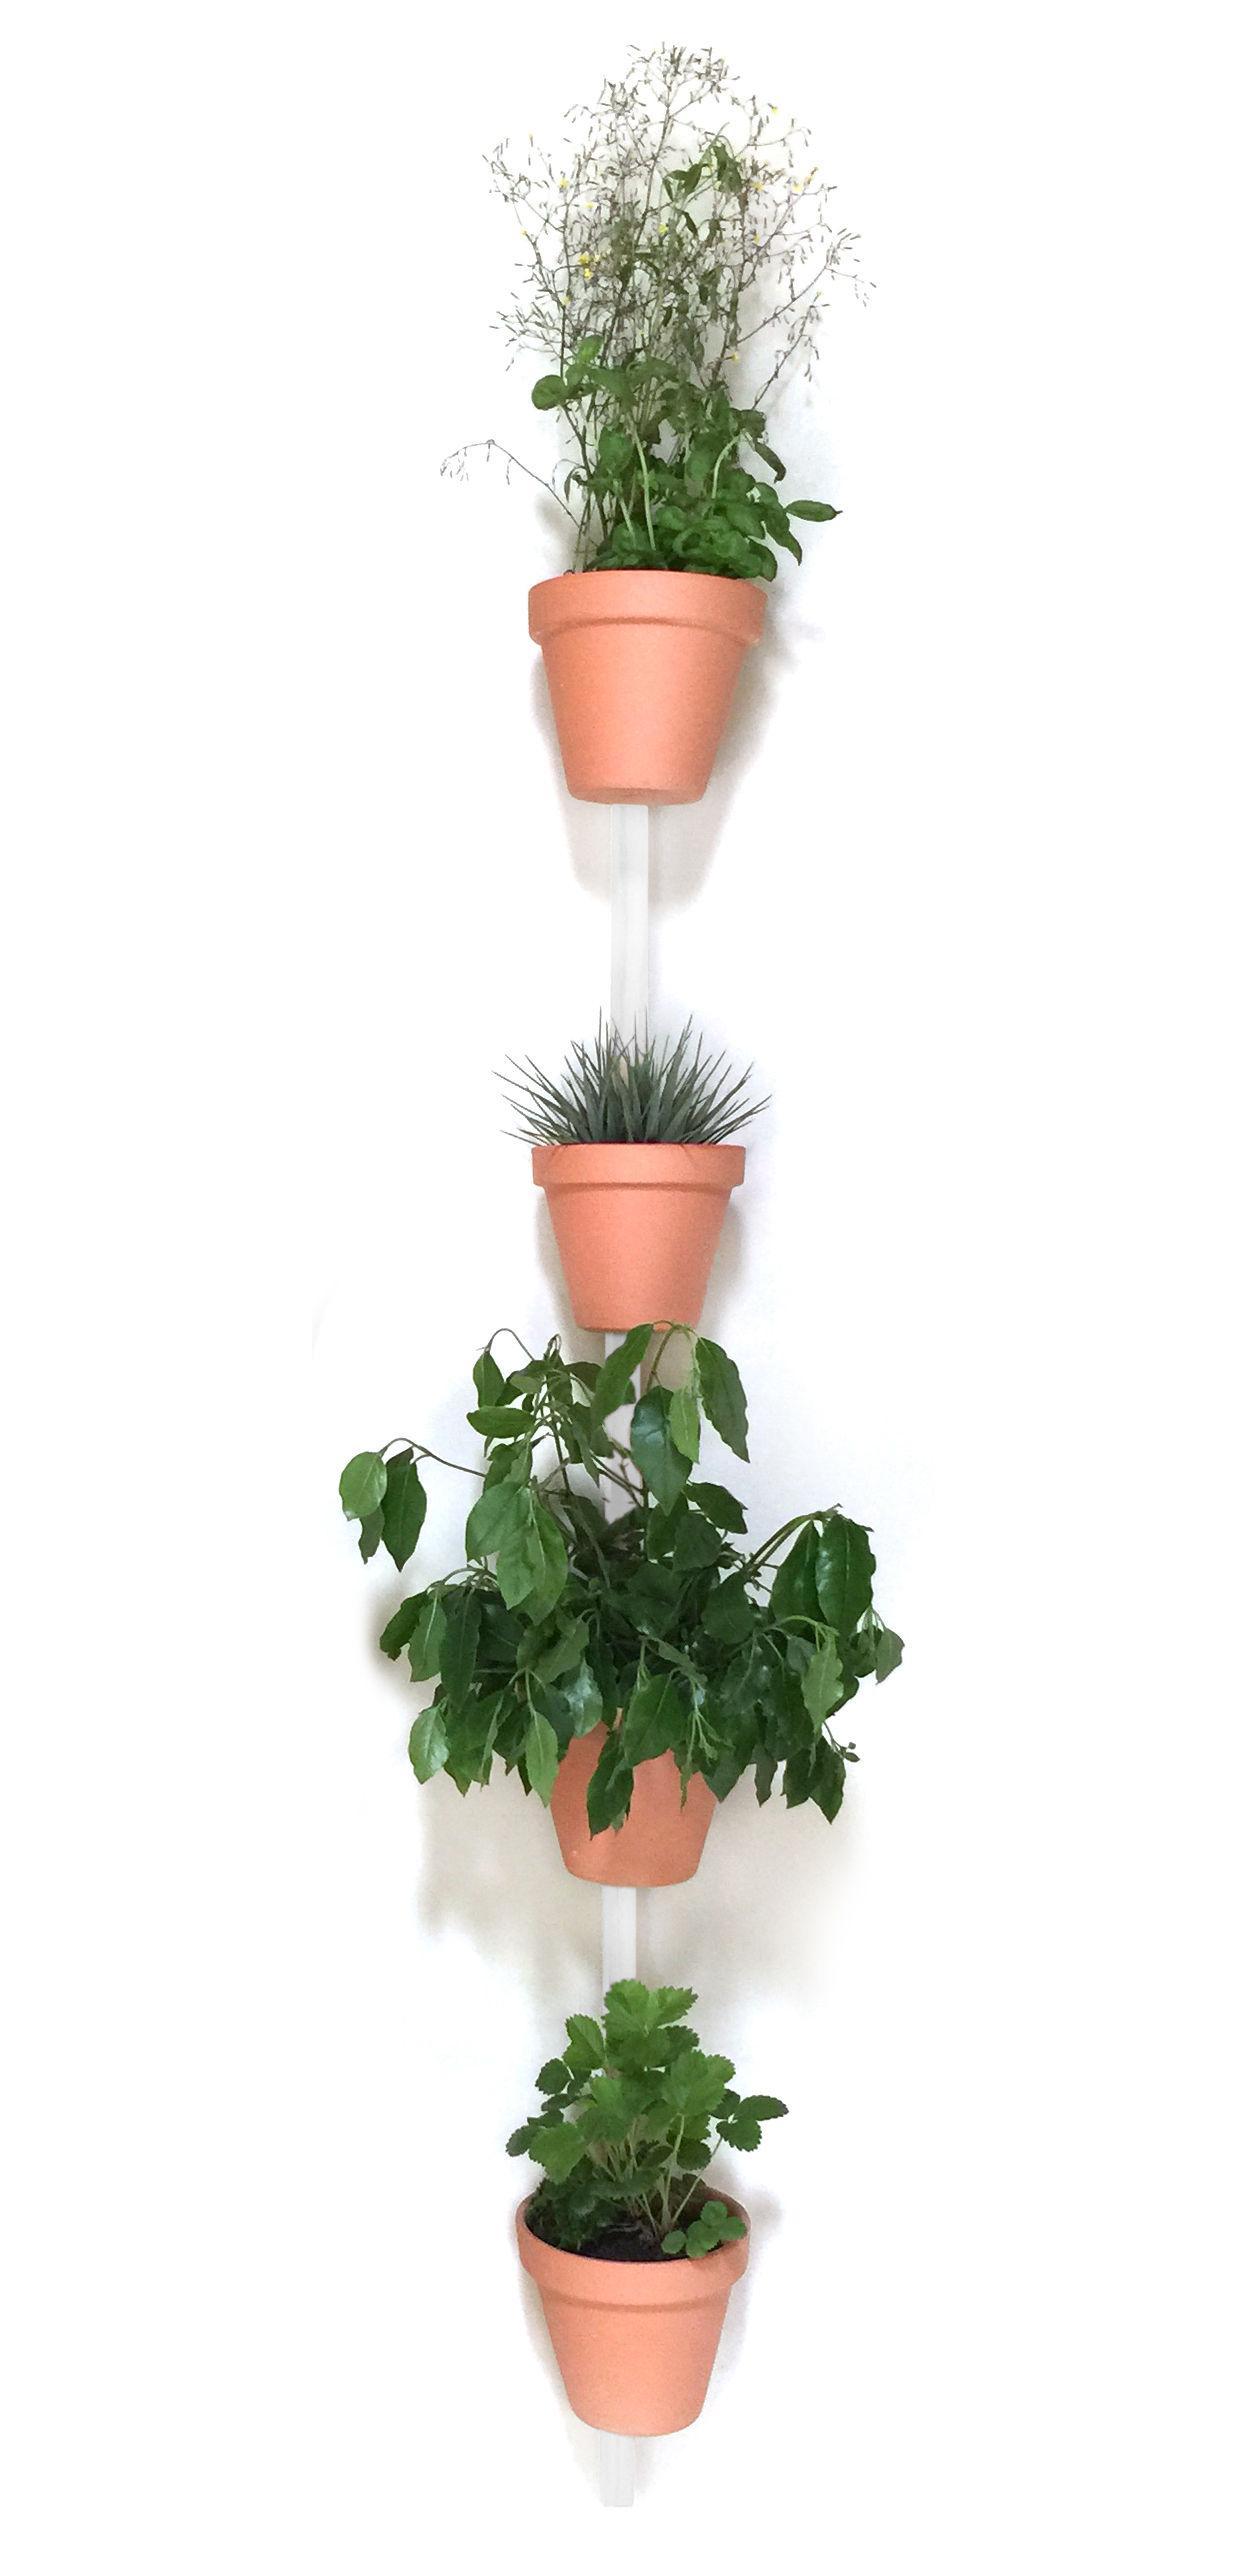 Interni - Vasi e Piante - Supporto a parete XPOT / Per 4 vasi da fiori o mensole - H 200 cm - Compagnie - Blanc - Rovere massello verniciato